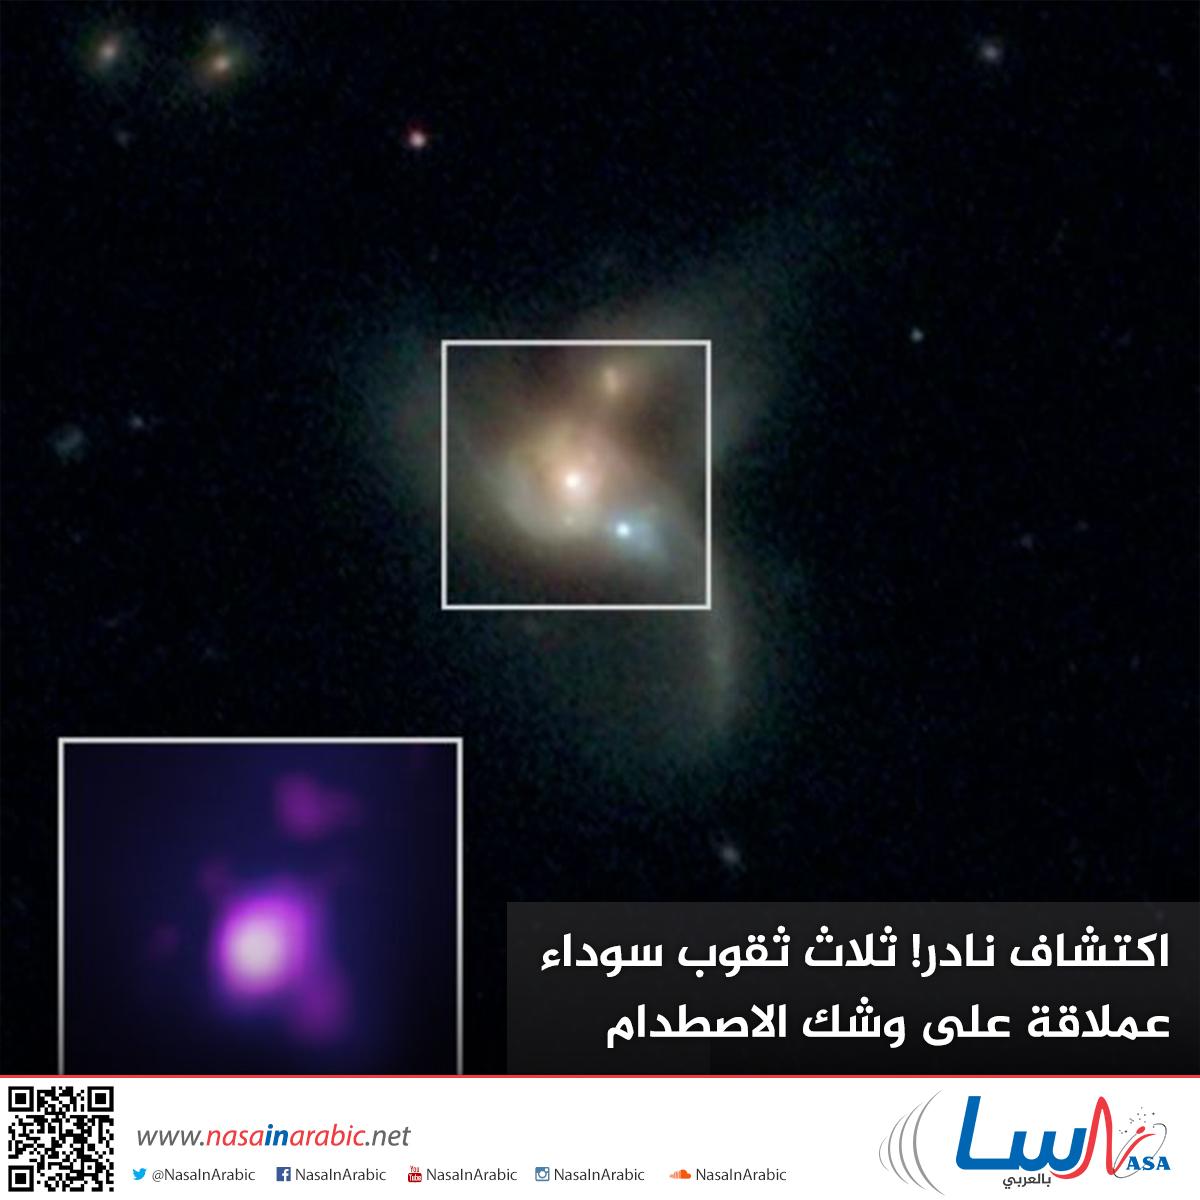 اكتشاف نادر! ثلاث ثقوب سوداء عملاقة على وشك الاصطدام